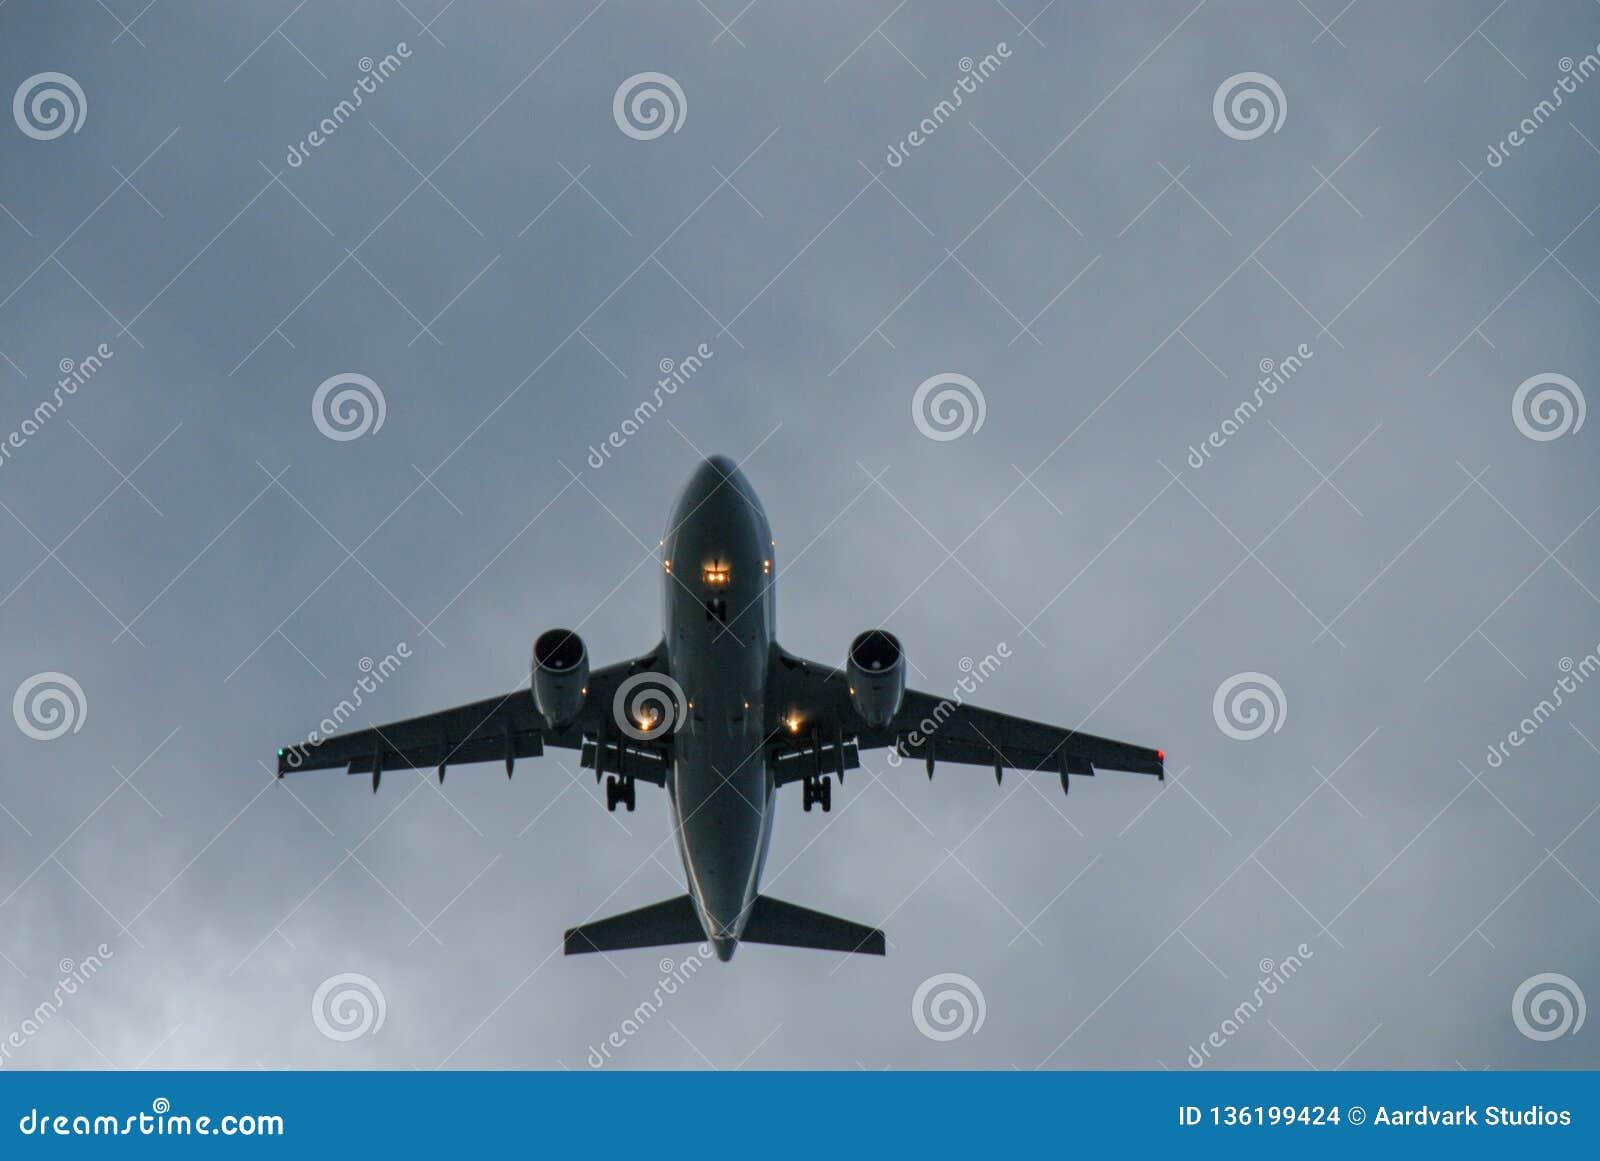 Αεροπλάνο Comercial που απογειώνεται το βράδυ